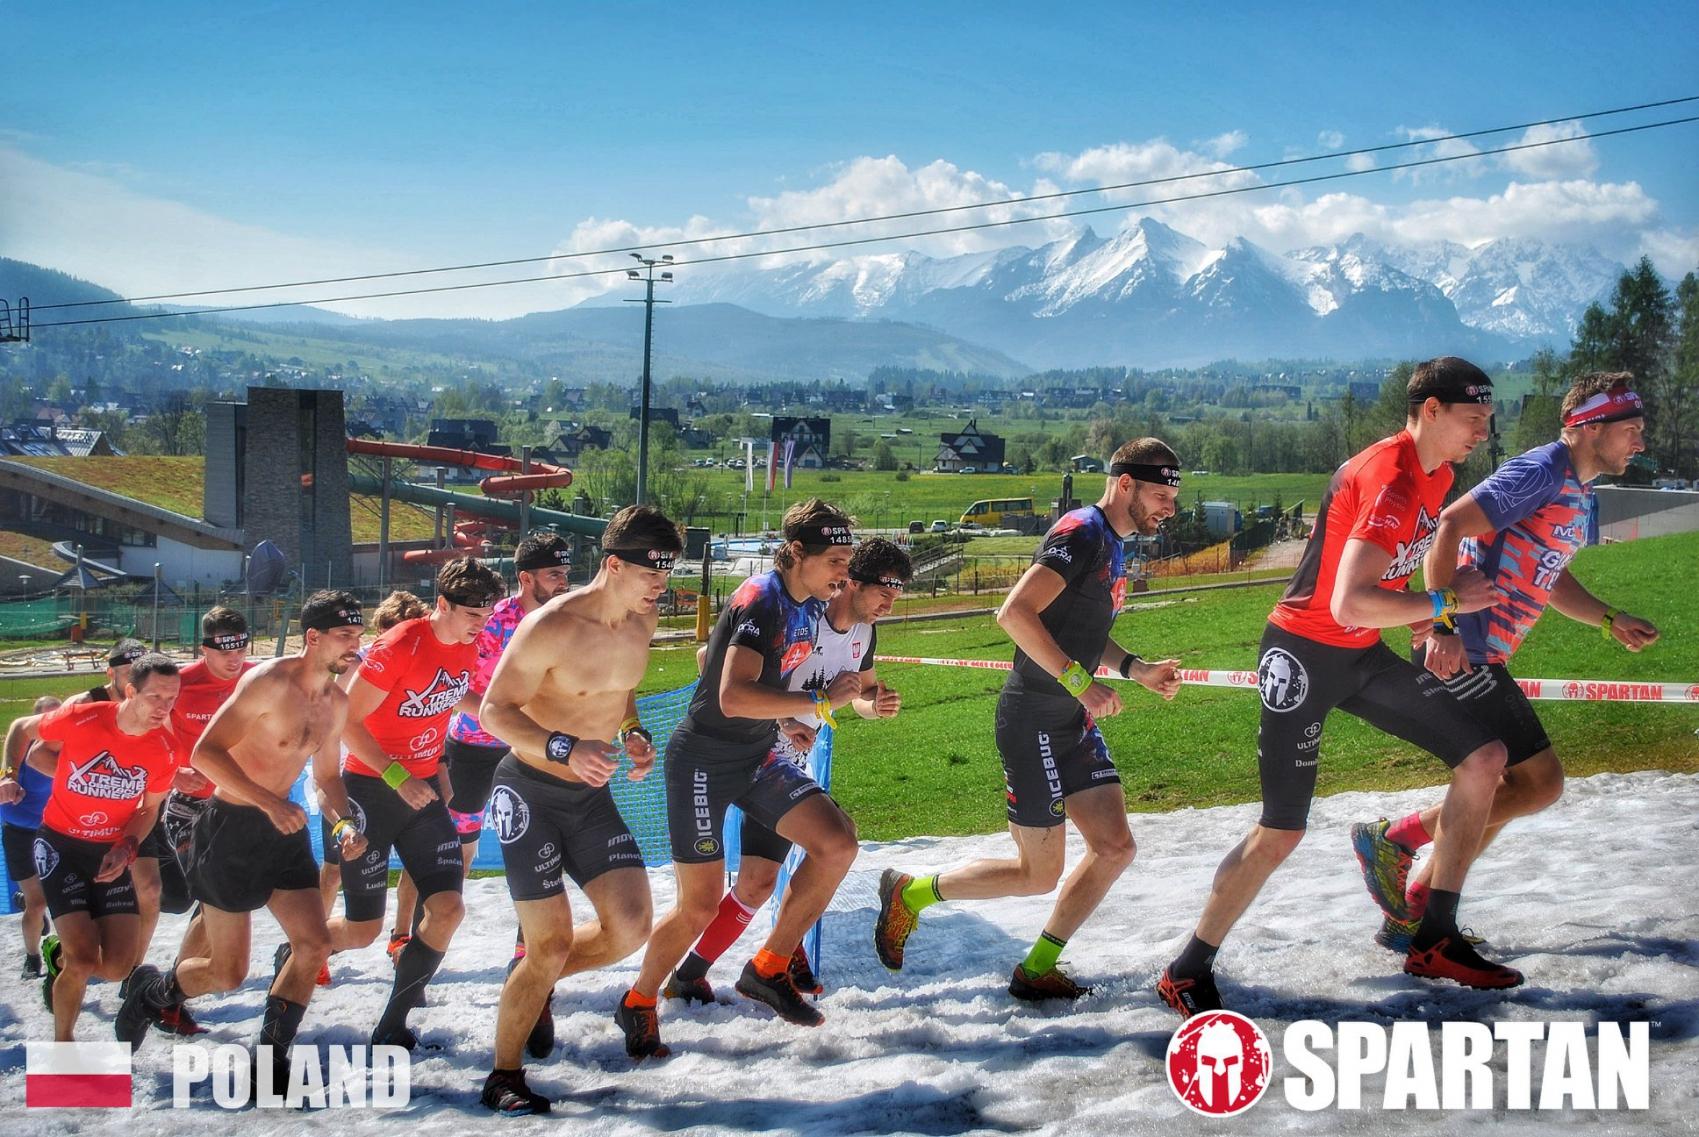 Spartan rozpocznie sezon 2020 na Czarnej Górze na Dolnym